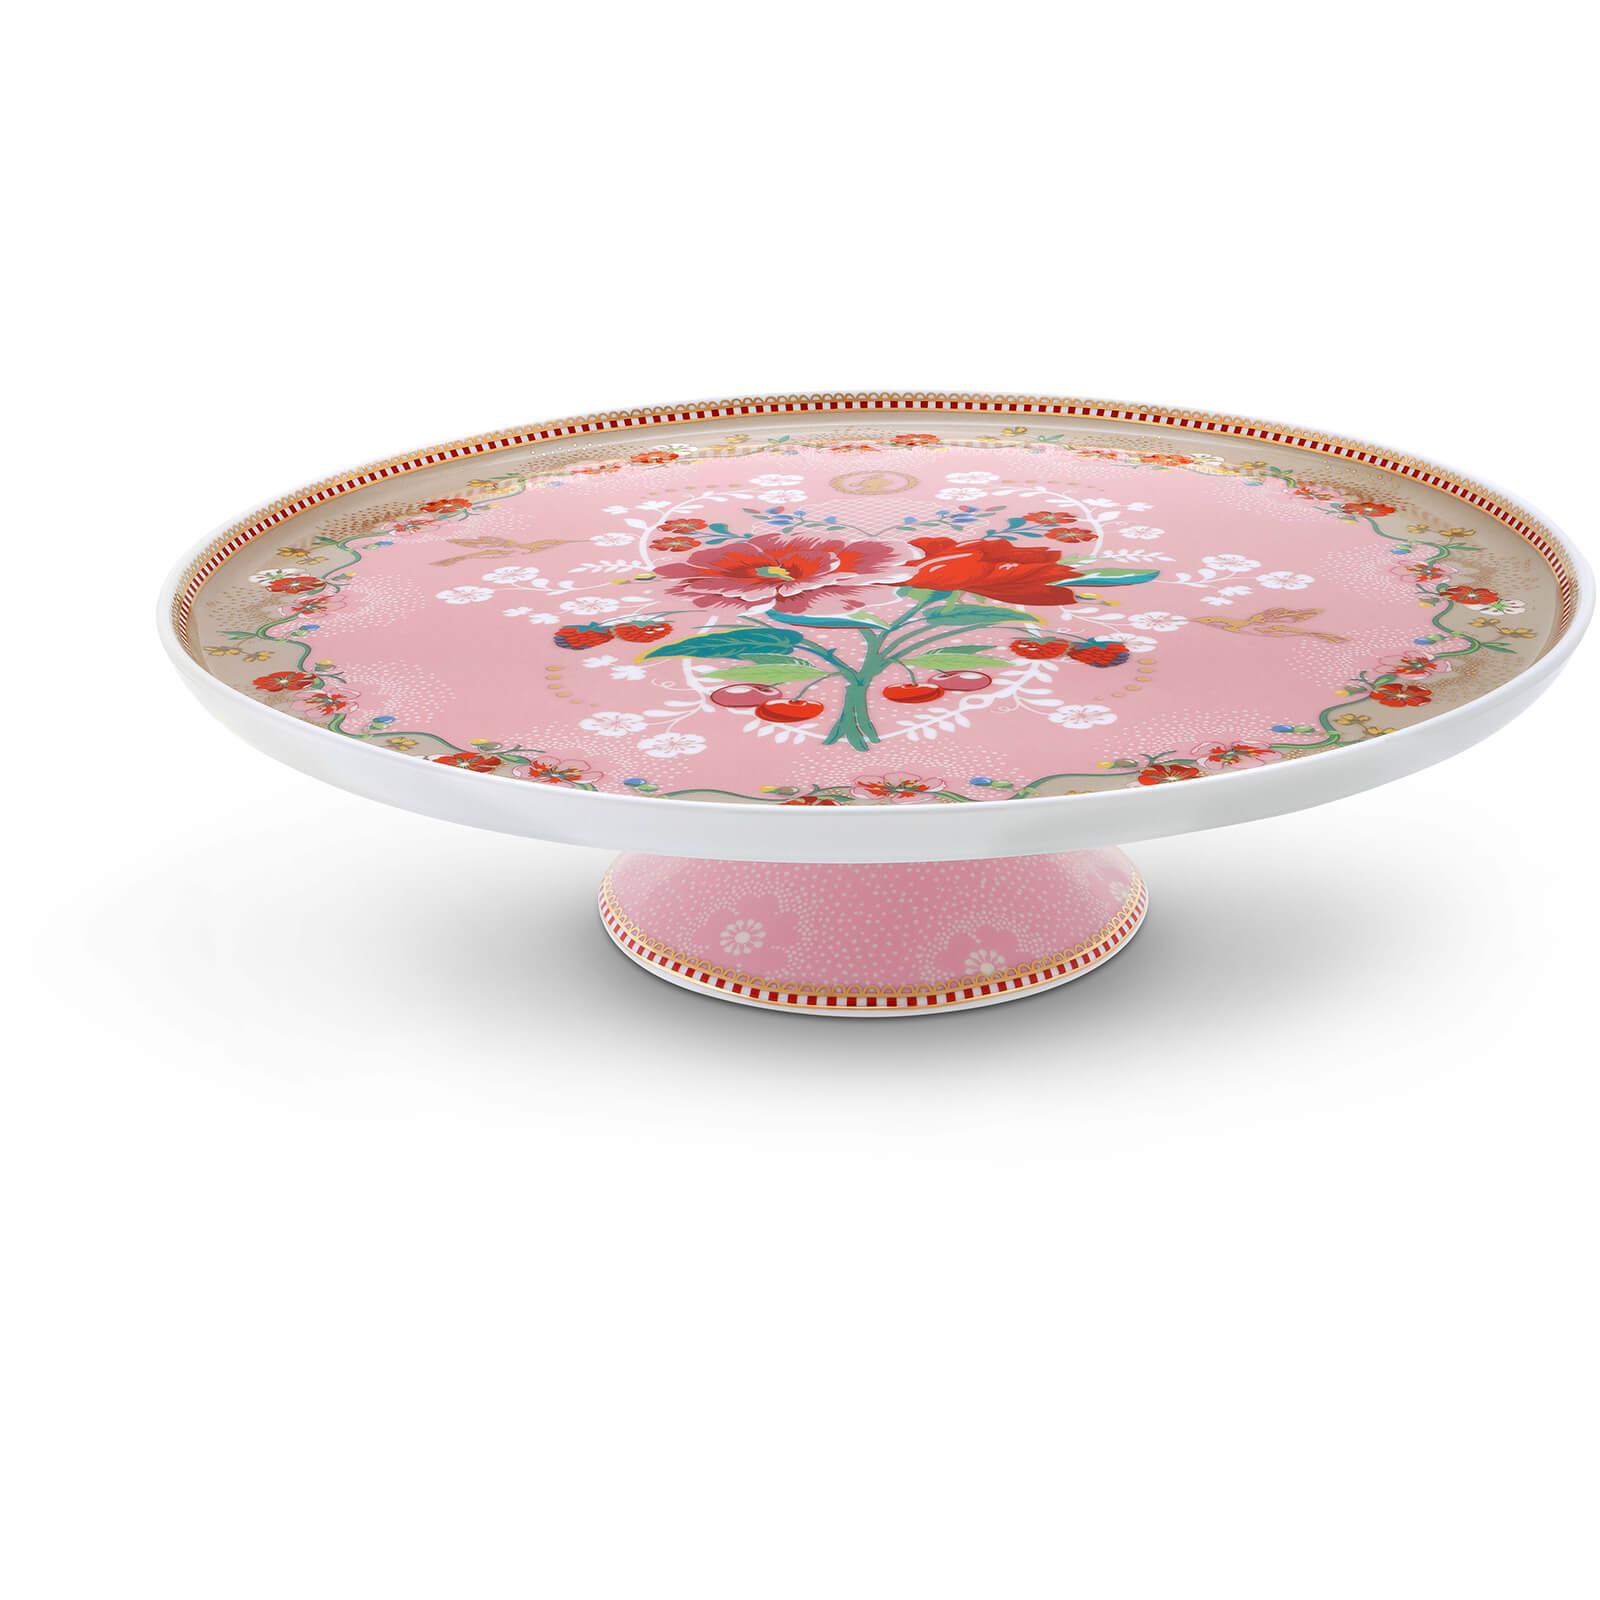 Pip Studio Rose Cake Tray - Pink